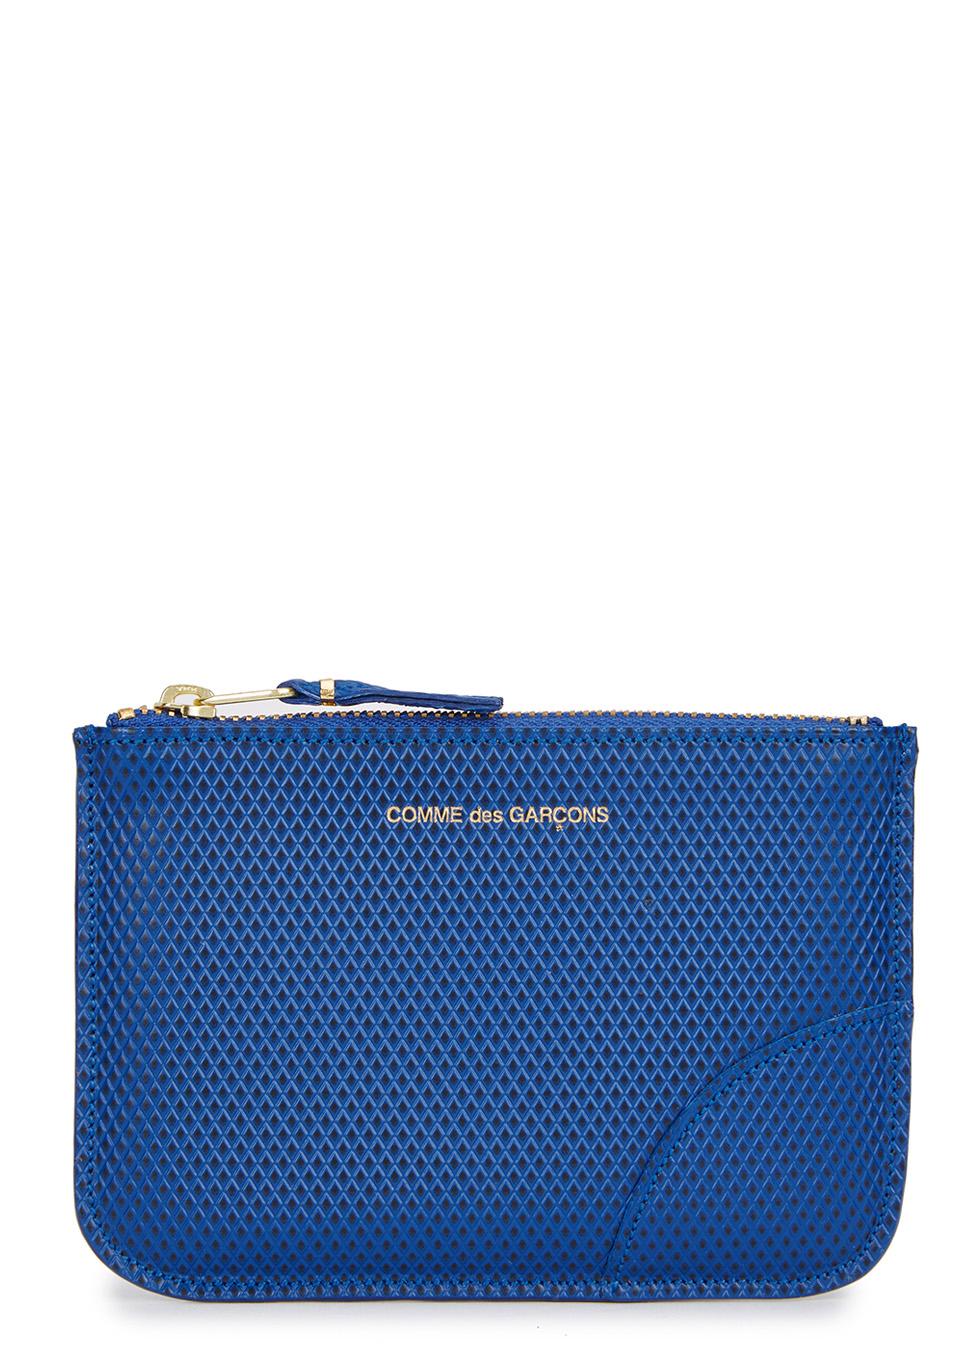 Small blue leather pouch - Comme des Garçons